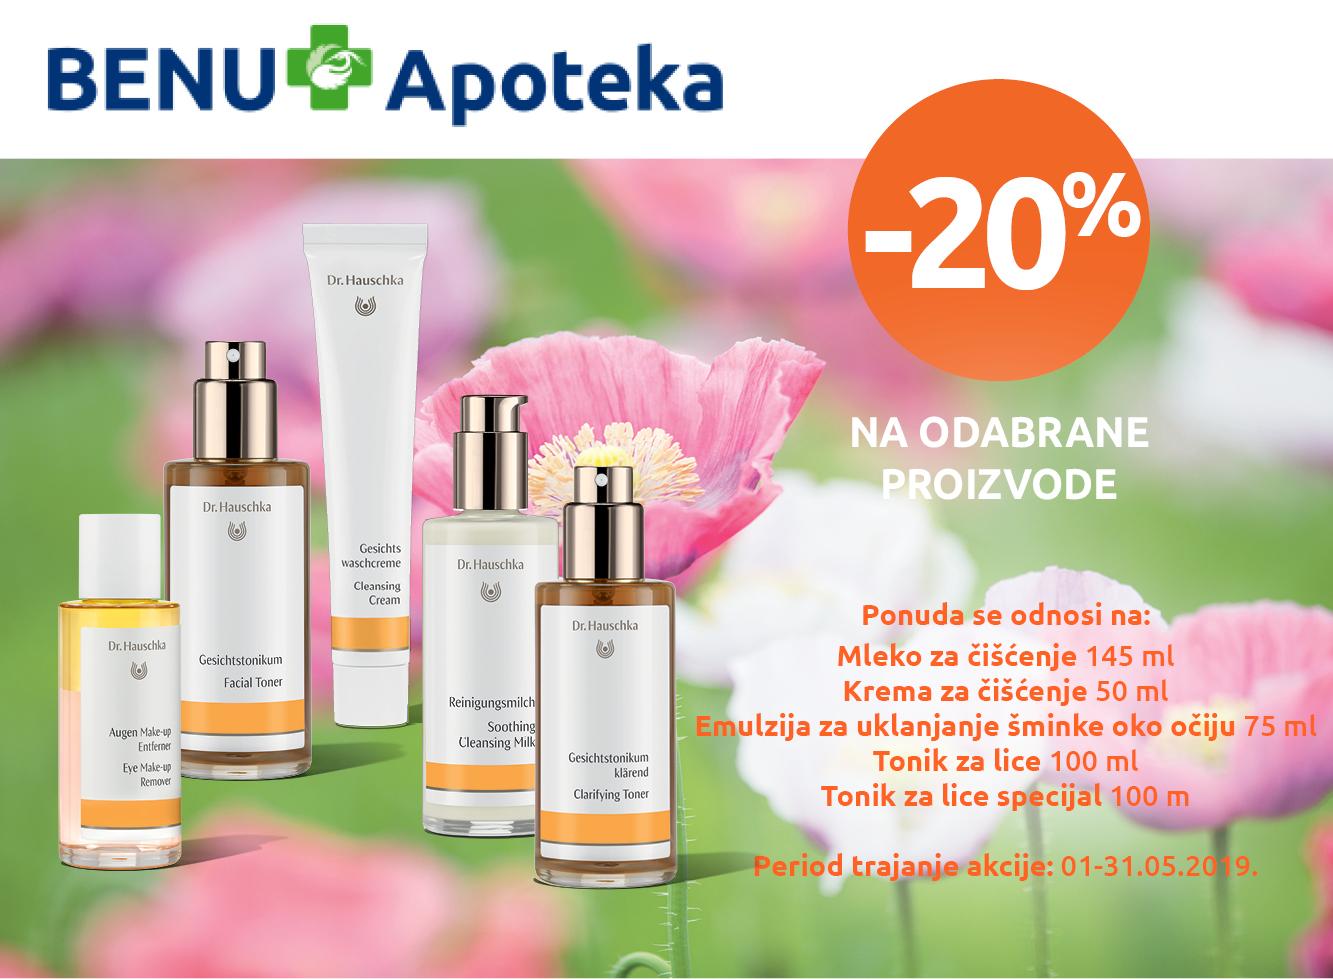 Dr. Hauschka - 20%